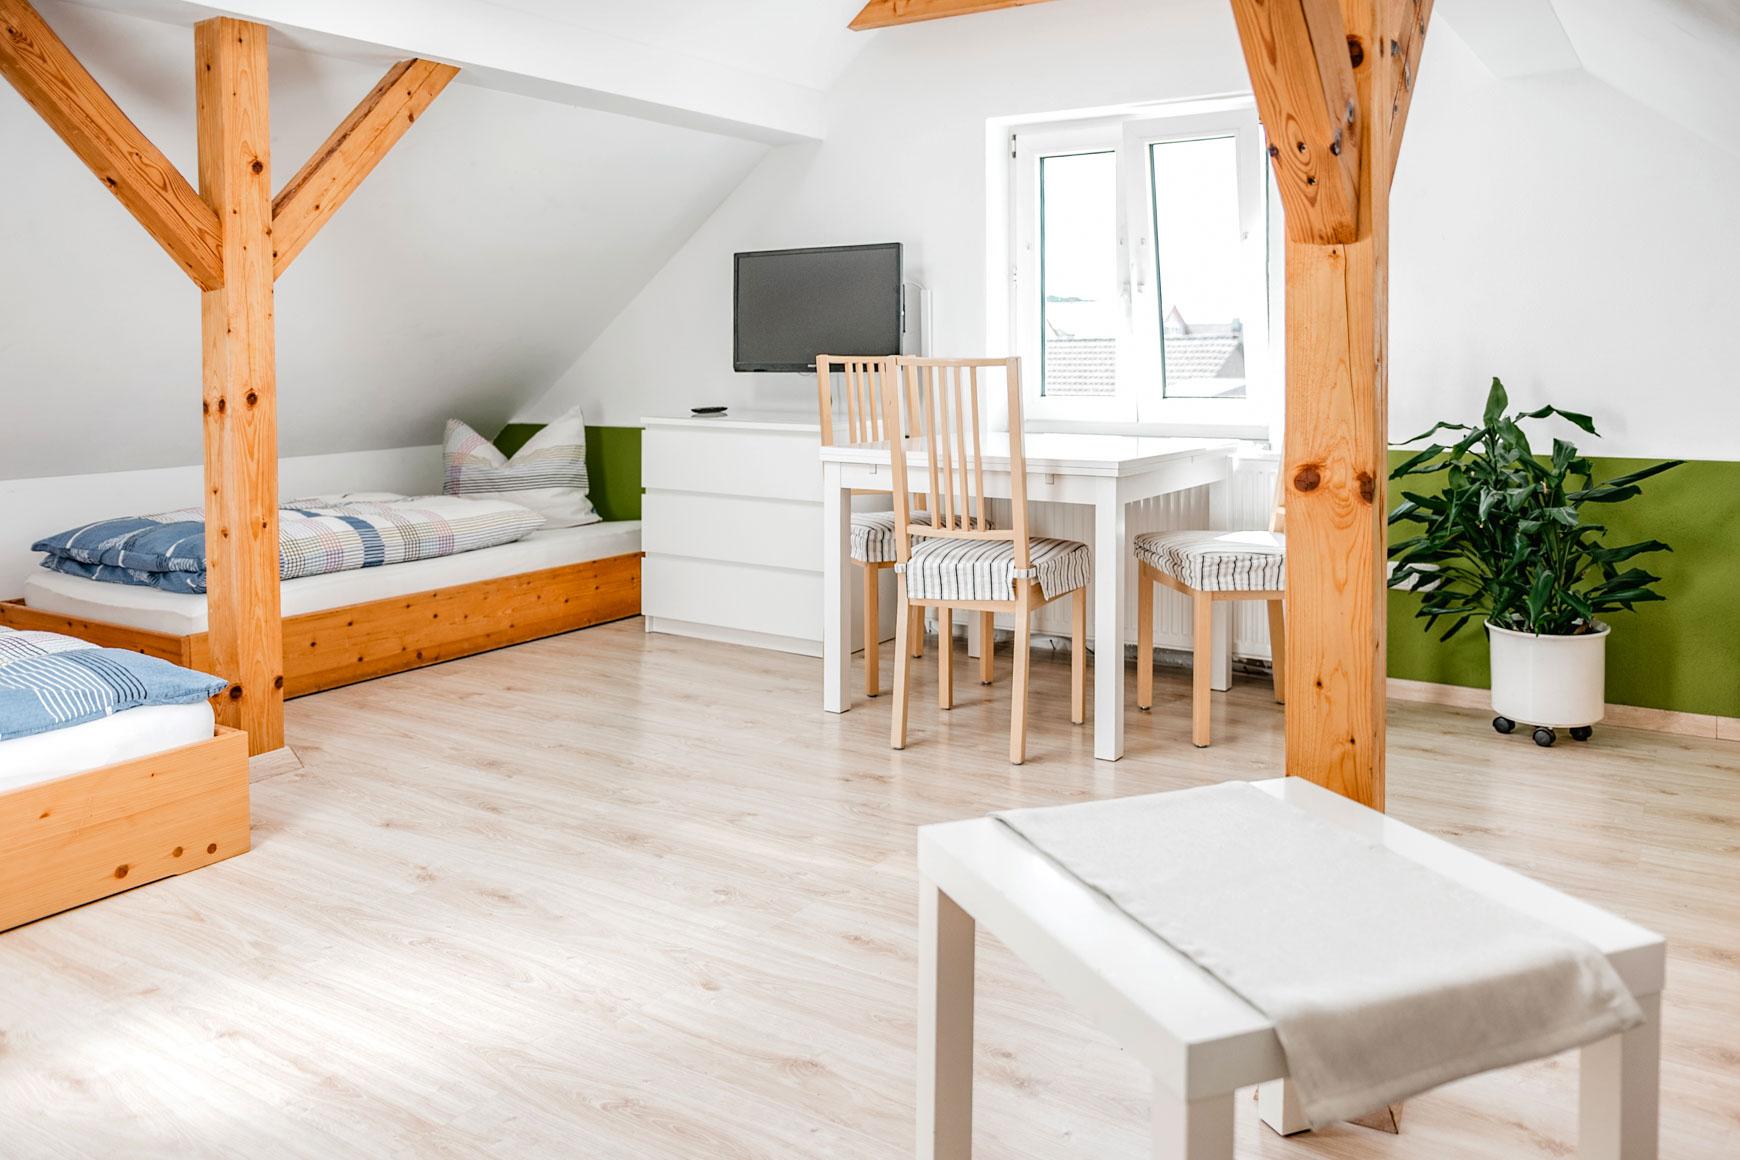 Ferienwohnung - Mehrbettzimmer Übersicht von Sitzecke auf Tisch